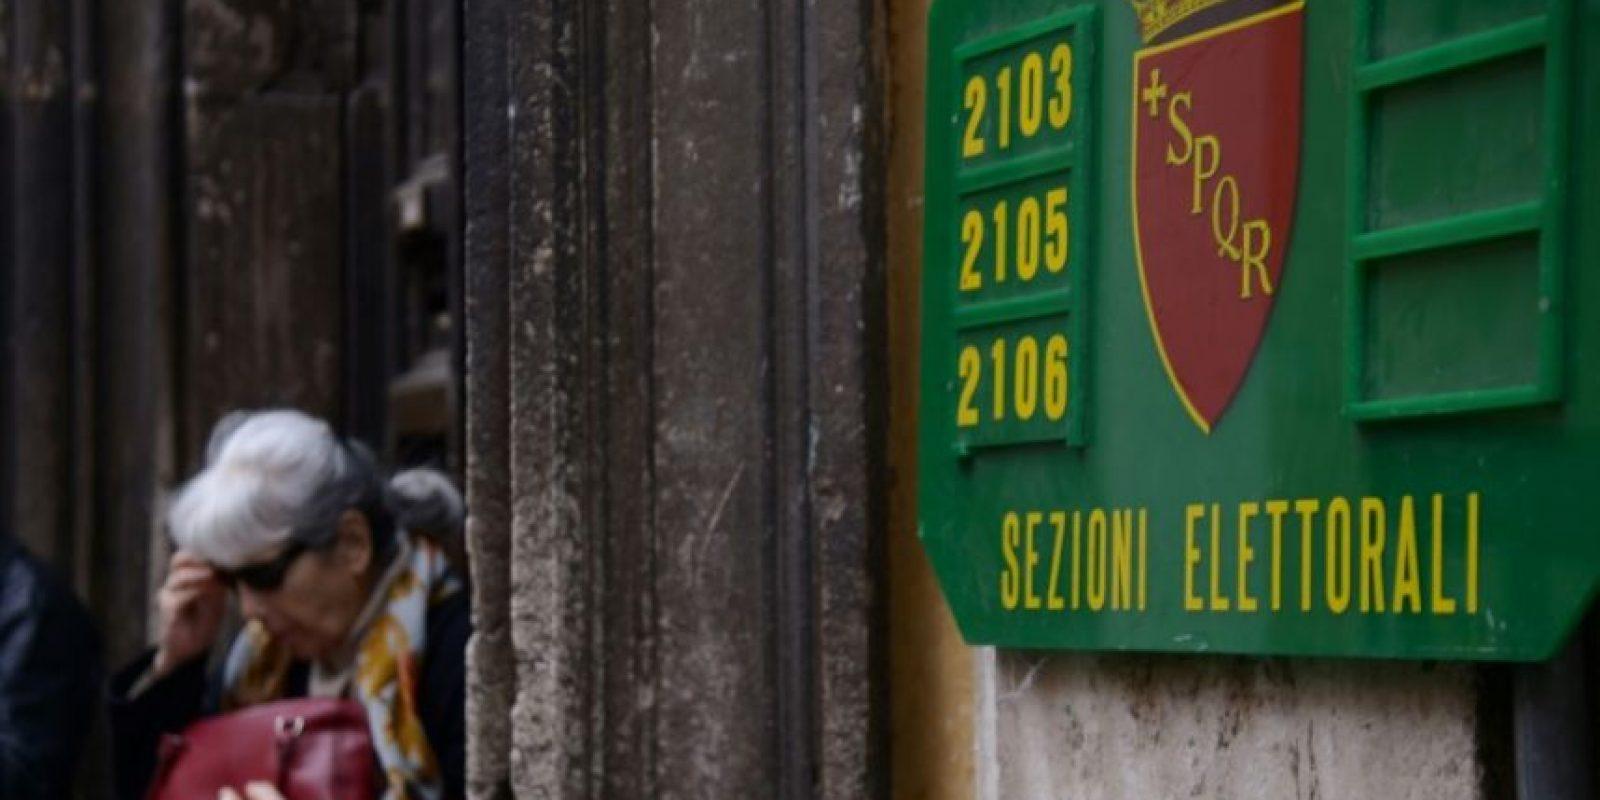 Una mujer sale de una sede electoral después de votar en un referéndum sobre reformas constitucionales, el 4 de diciembre de 2016, en Roma. Foto:Filippo MONTEFORTE /afp.com